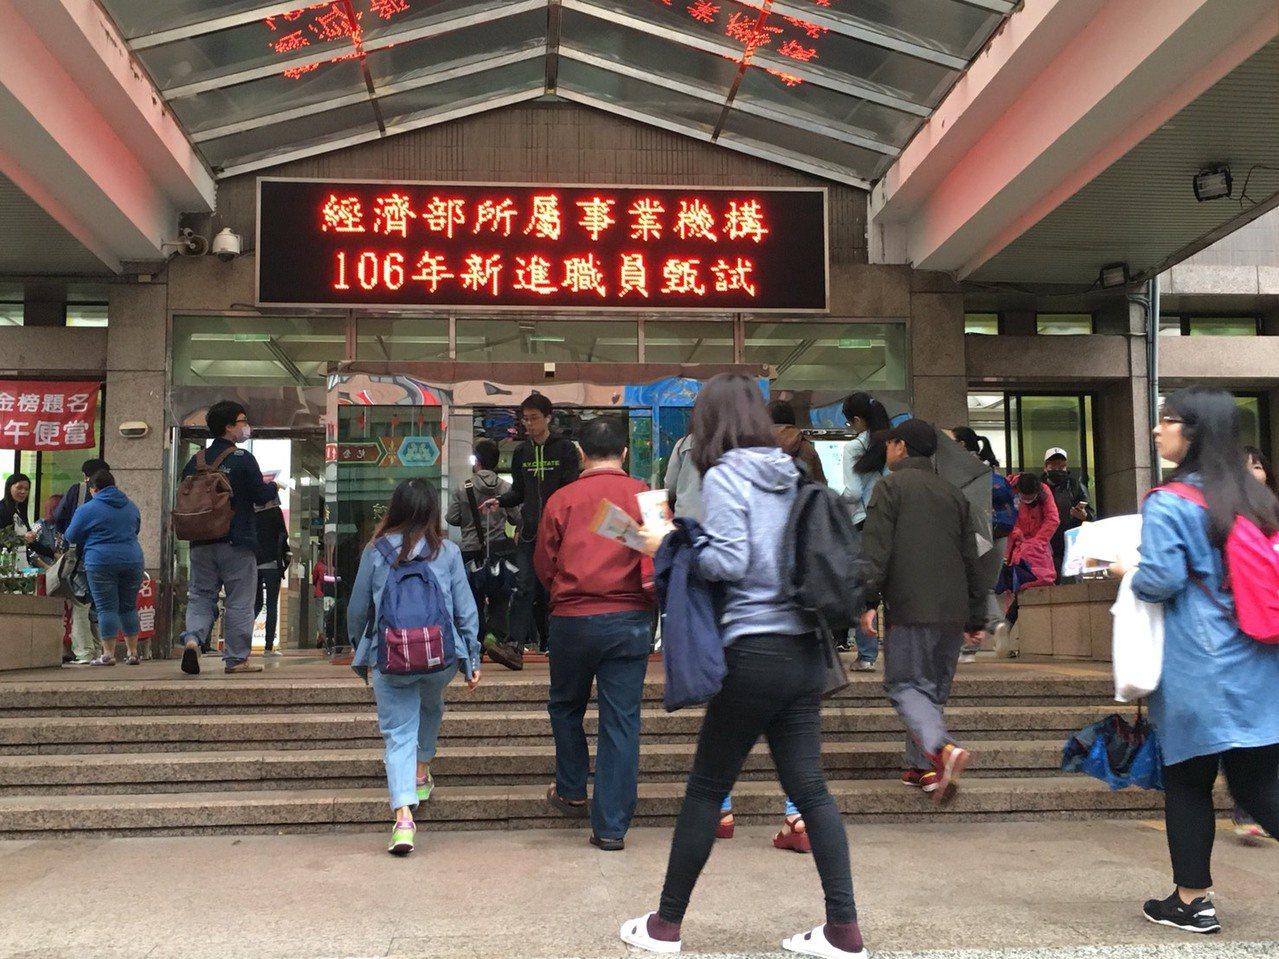 經濟部所屬事業機構106年新進職員甄試於11月11日舉行,平均錄取率約5.84%...